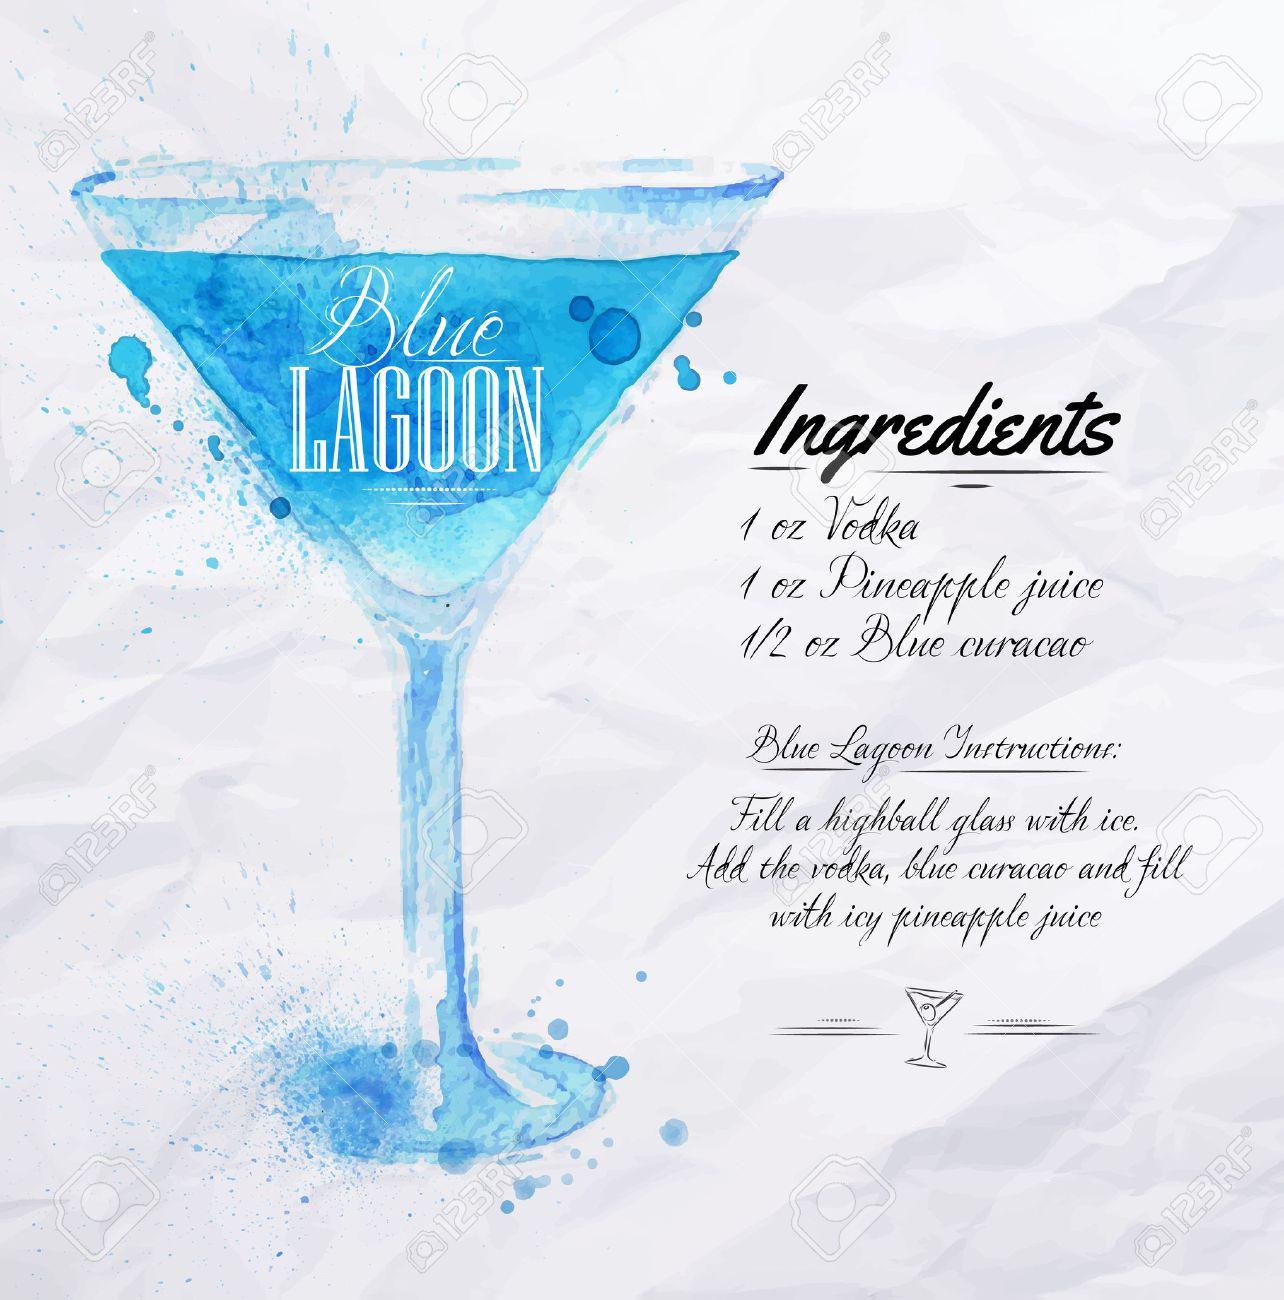 Blue lagoon cocktail rezept  Blue Lagoon Cocktails Aquarellflecken Und Flecken Gezeichnet Mit ...